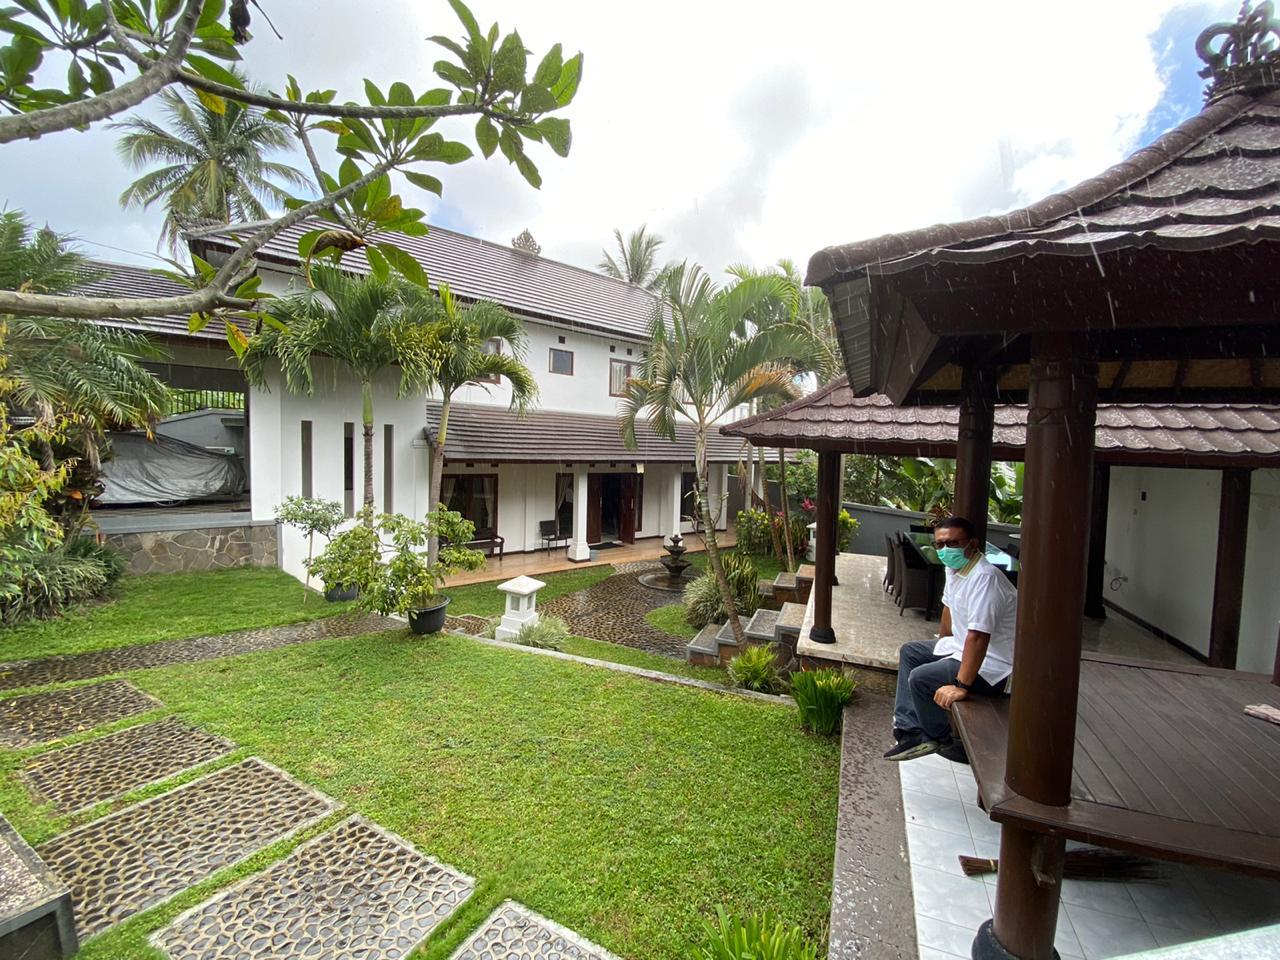 INILAH rumah Demer di Banjar Tampulawang, Desa Tajun, Kecamatan Kubutambahan, Buleleng yang diserahkan ke desa untuk dipakai lokasi isolasi PMI. Foto/Ist